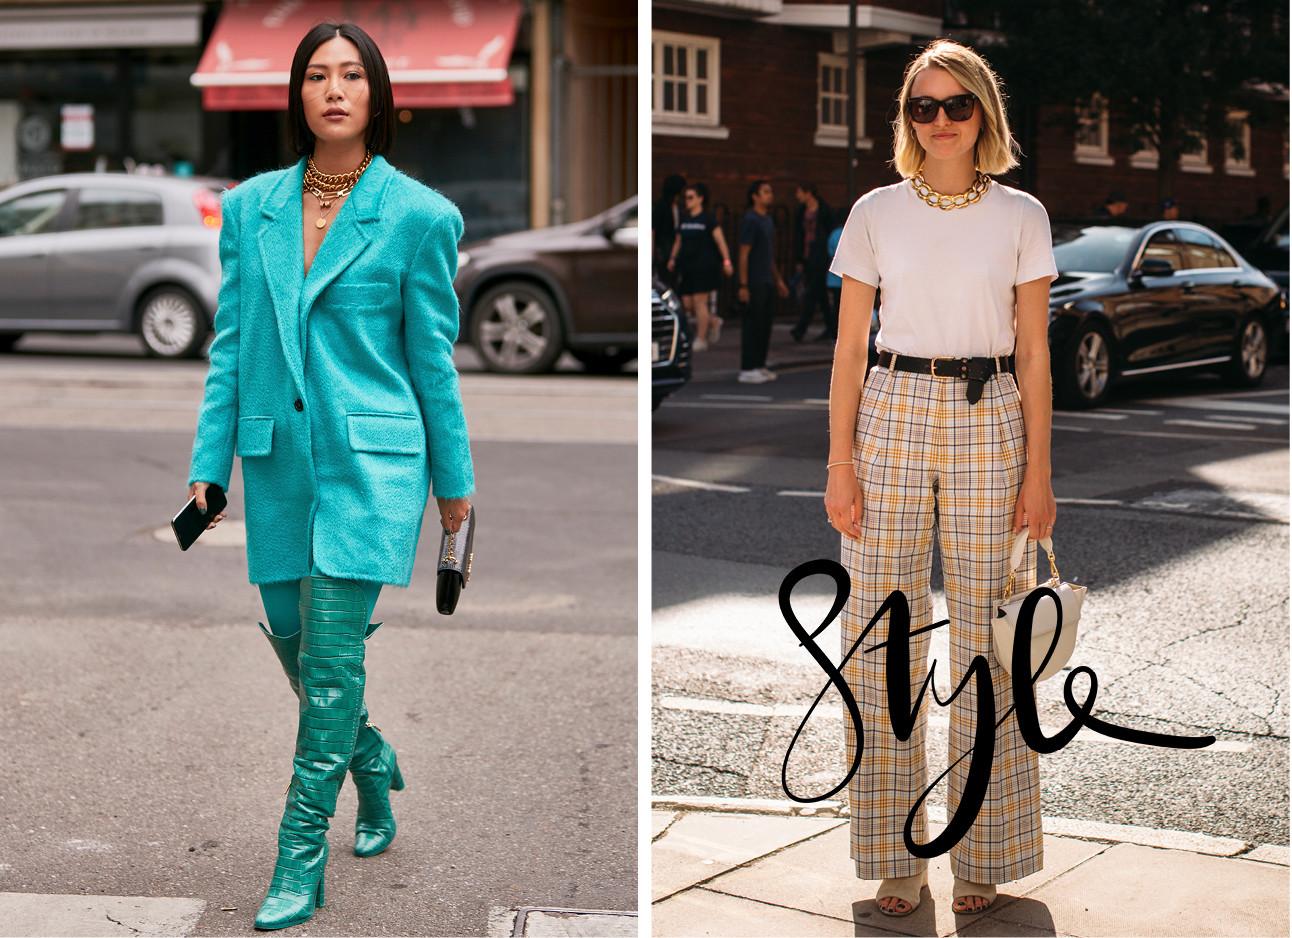 Beelden van fashion week met 2 meiden waarvan 1 een heel blauw pak draagt en de andere een geruite broek draagt me een witte top